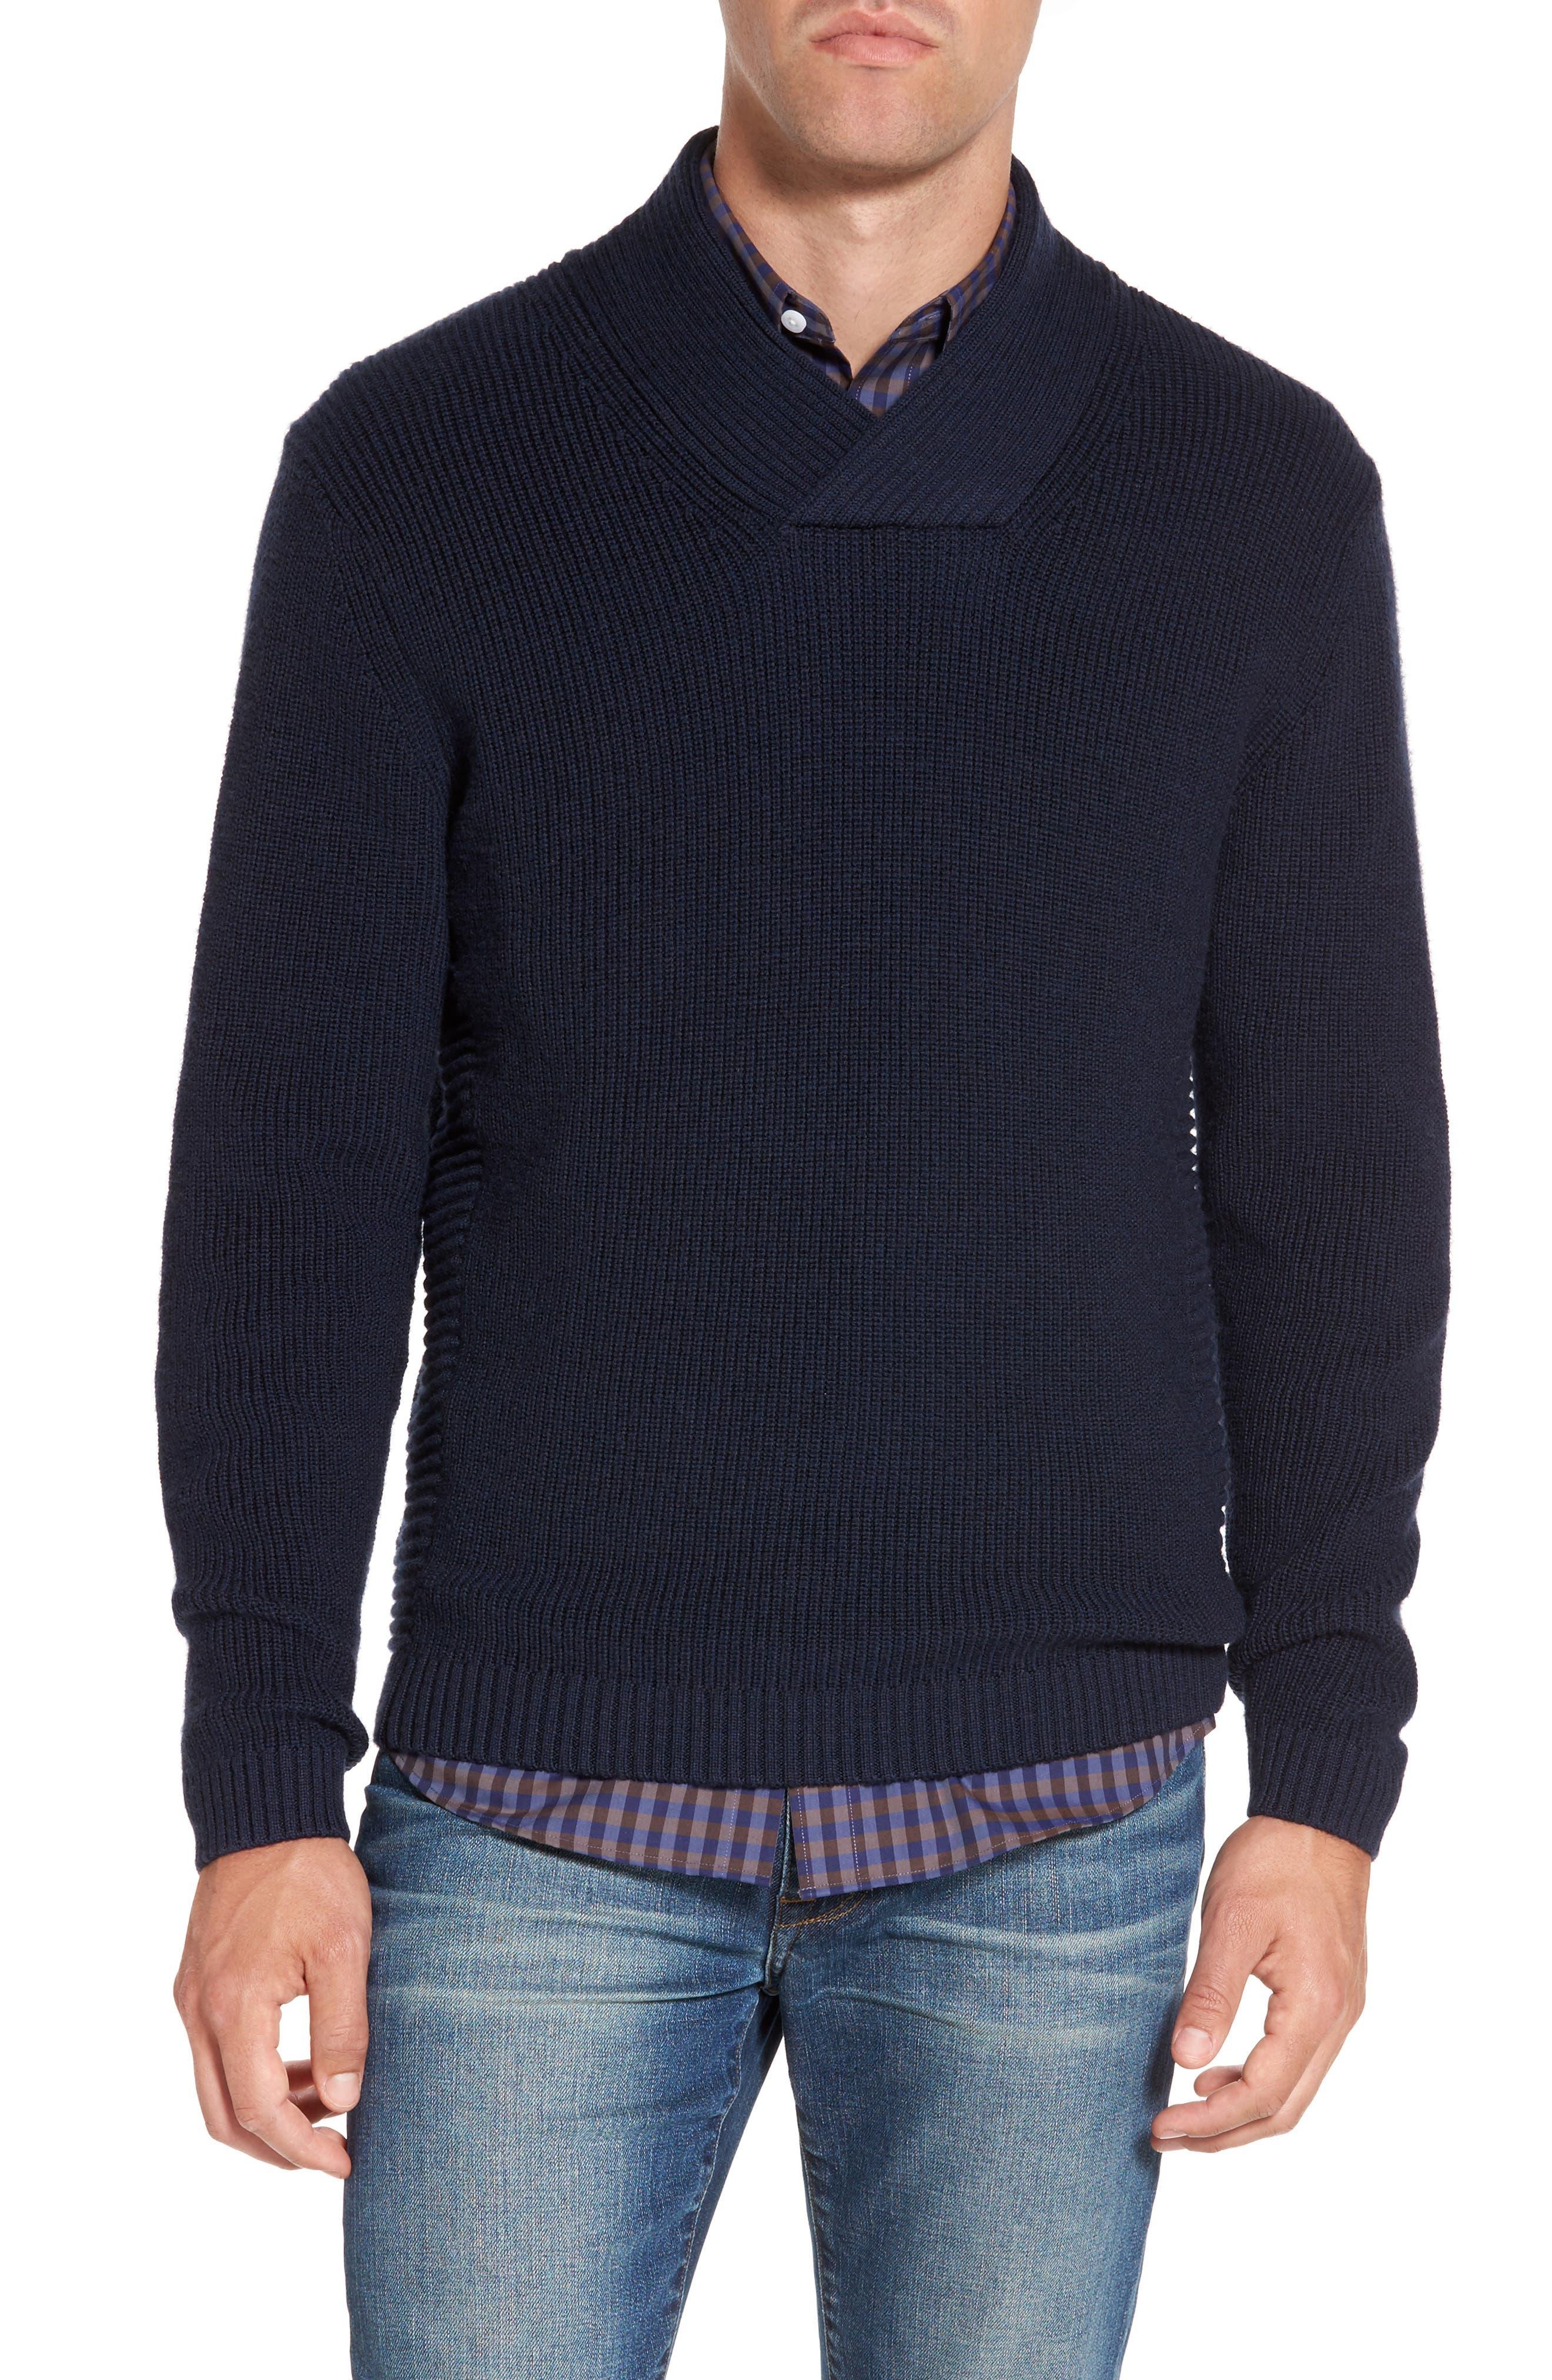 Main Image - Rodd & Gunn Charlesworth Suede Patch Merino Wool Sweater